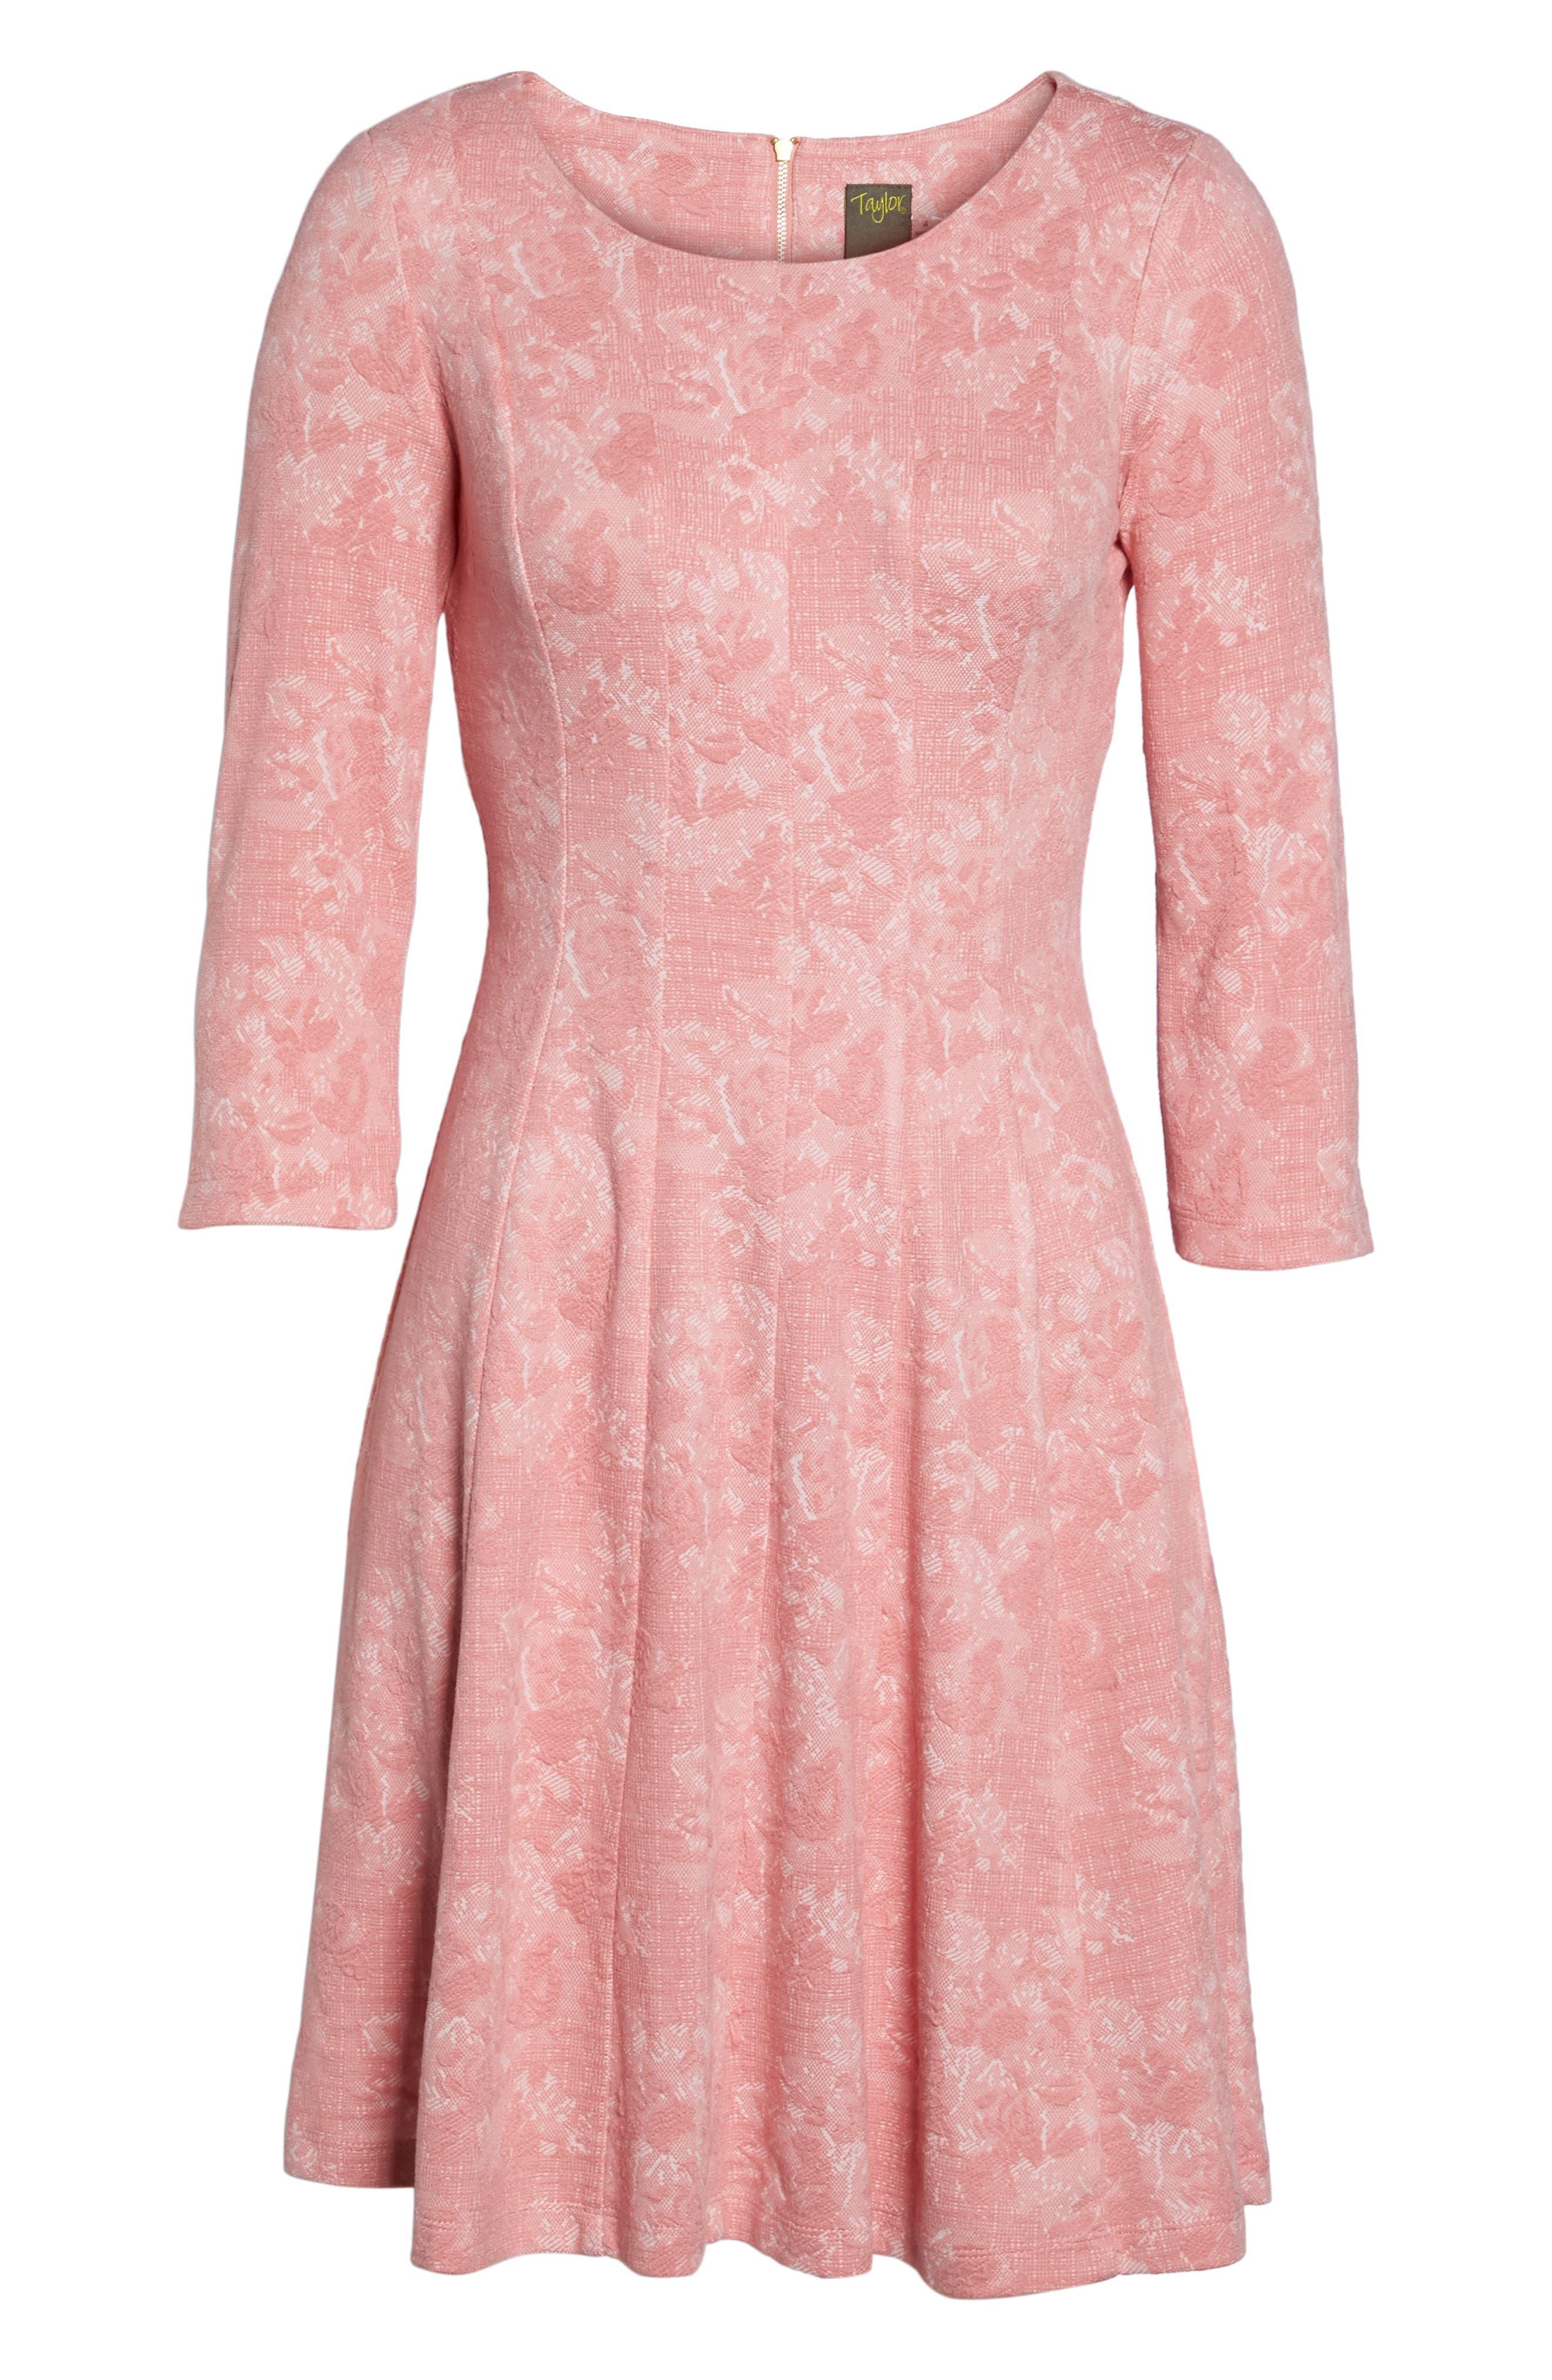 Jacquard Knit Fit & Flare Dress,                             Alternate thumbnail 11, color,